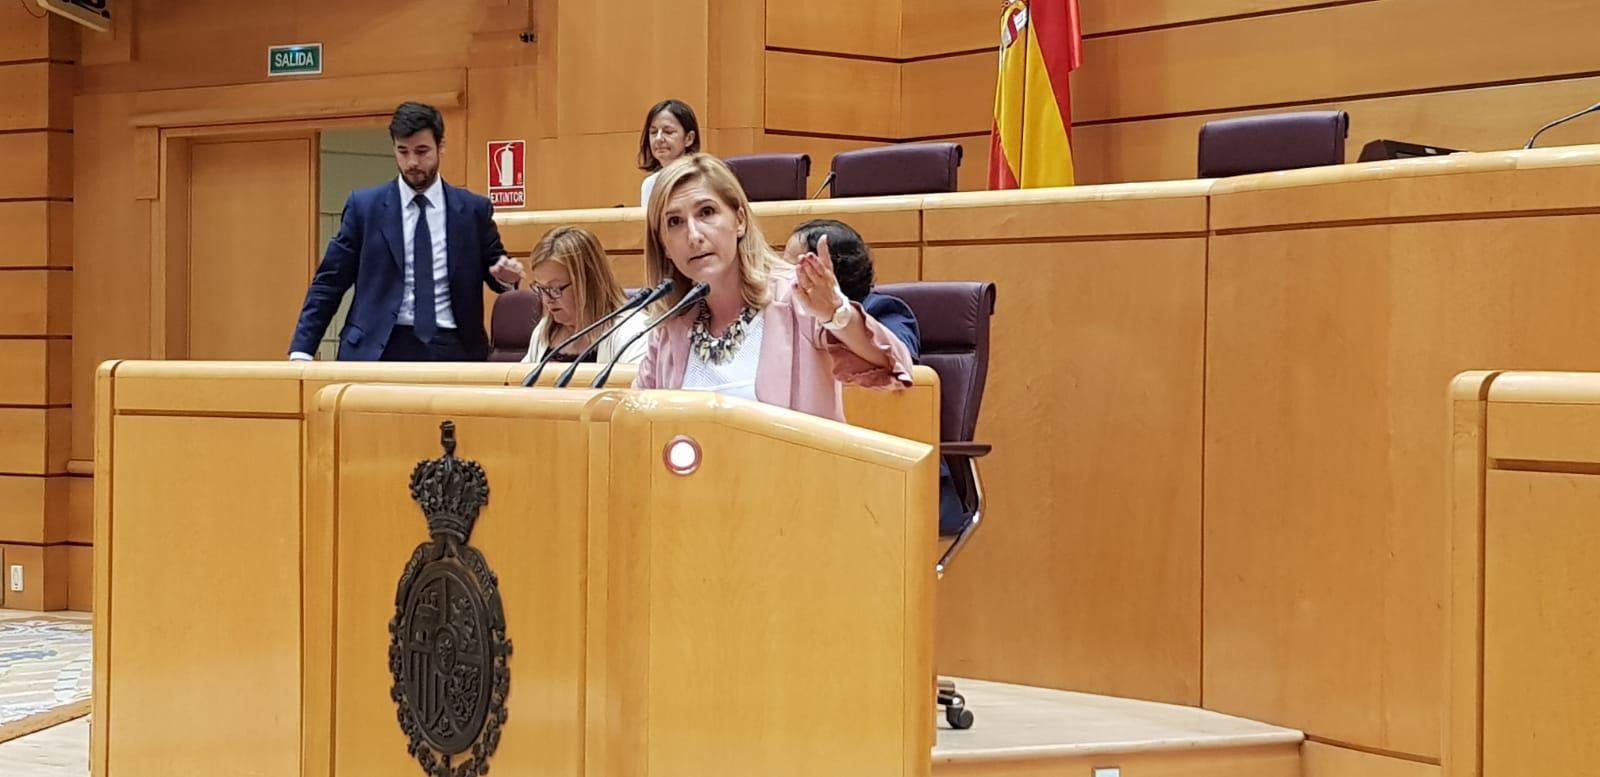 El PP informa que el Senat, llevat del PSOE, aprova aplicar les bonificacions de l'AP7 al Comunitat Valenciana